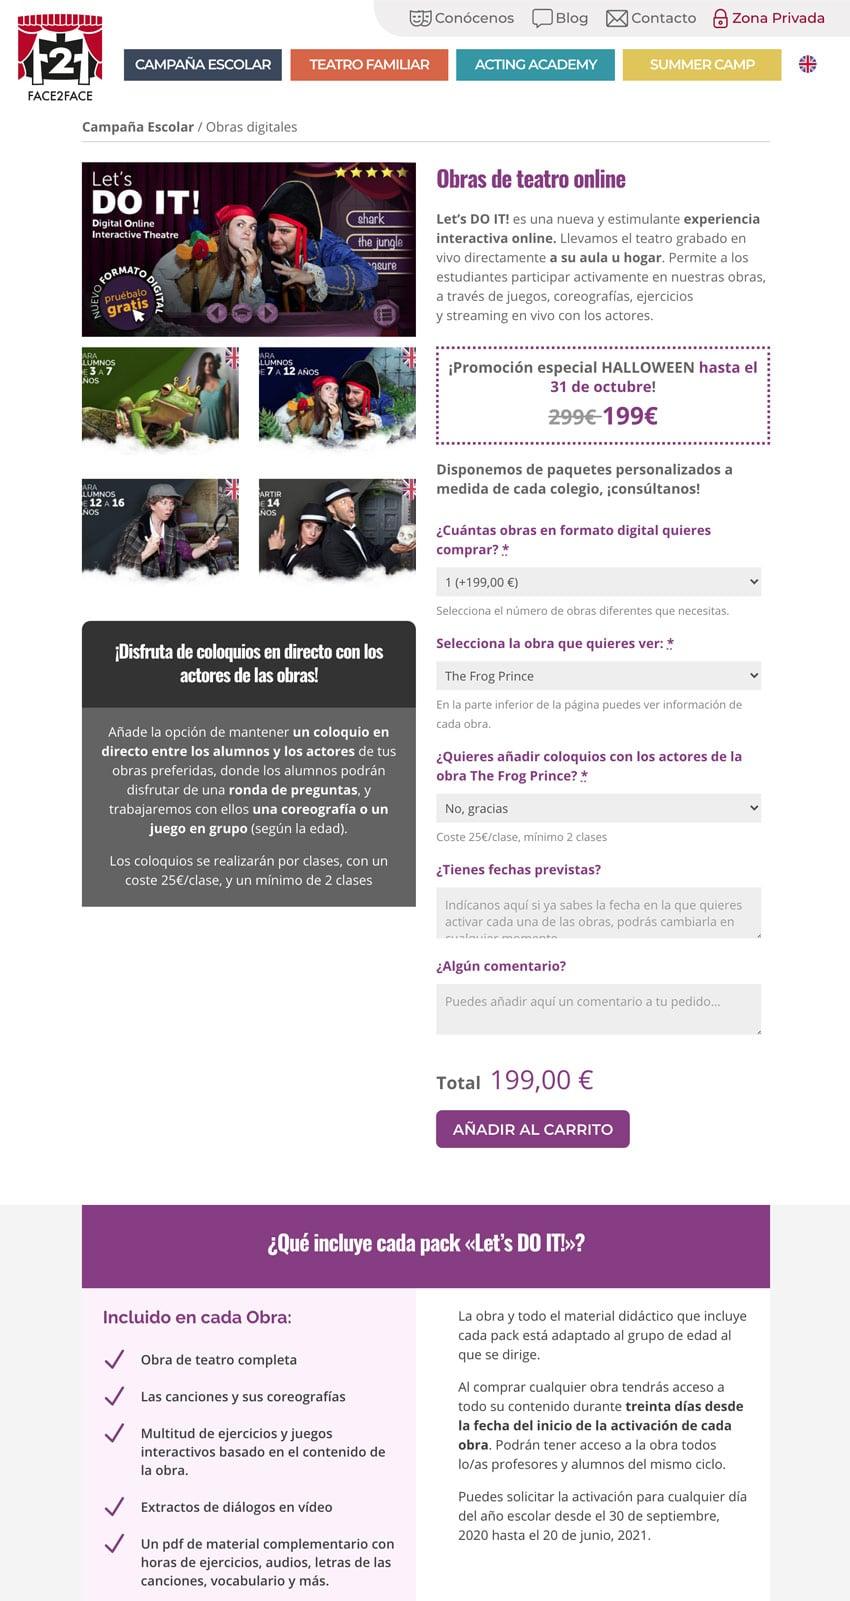 Diseño web obras de teatro digitales